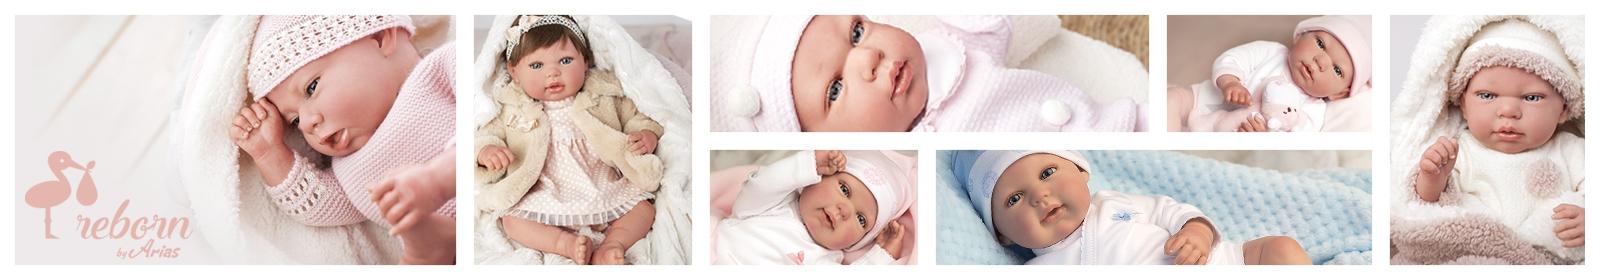 comprar bebés reborns